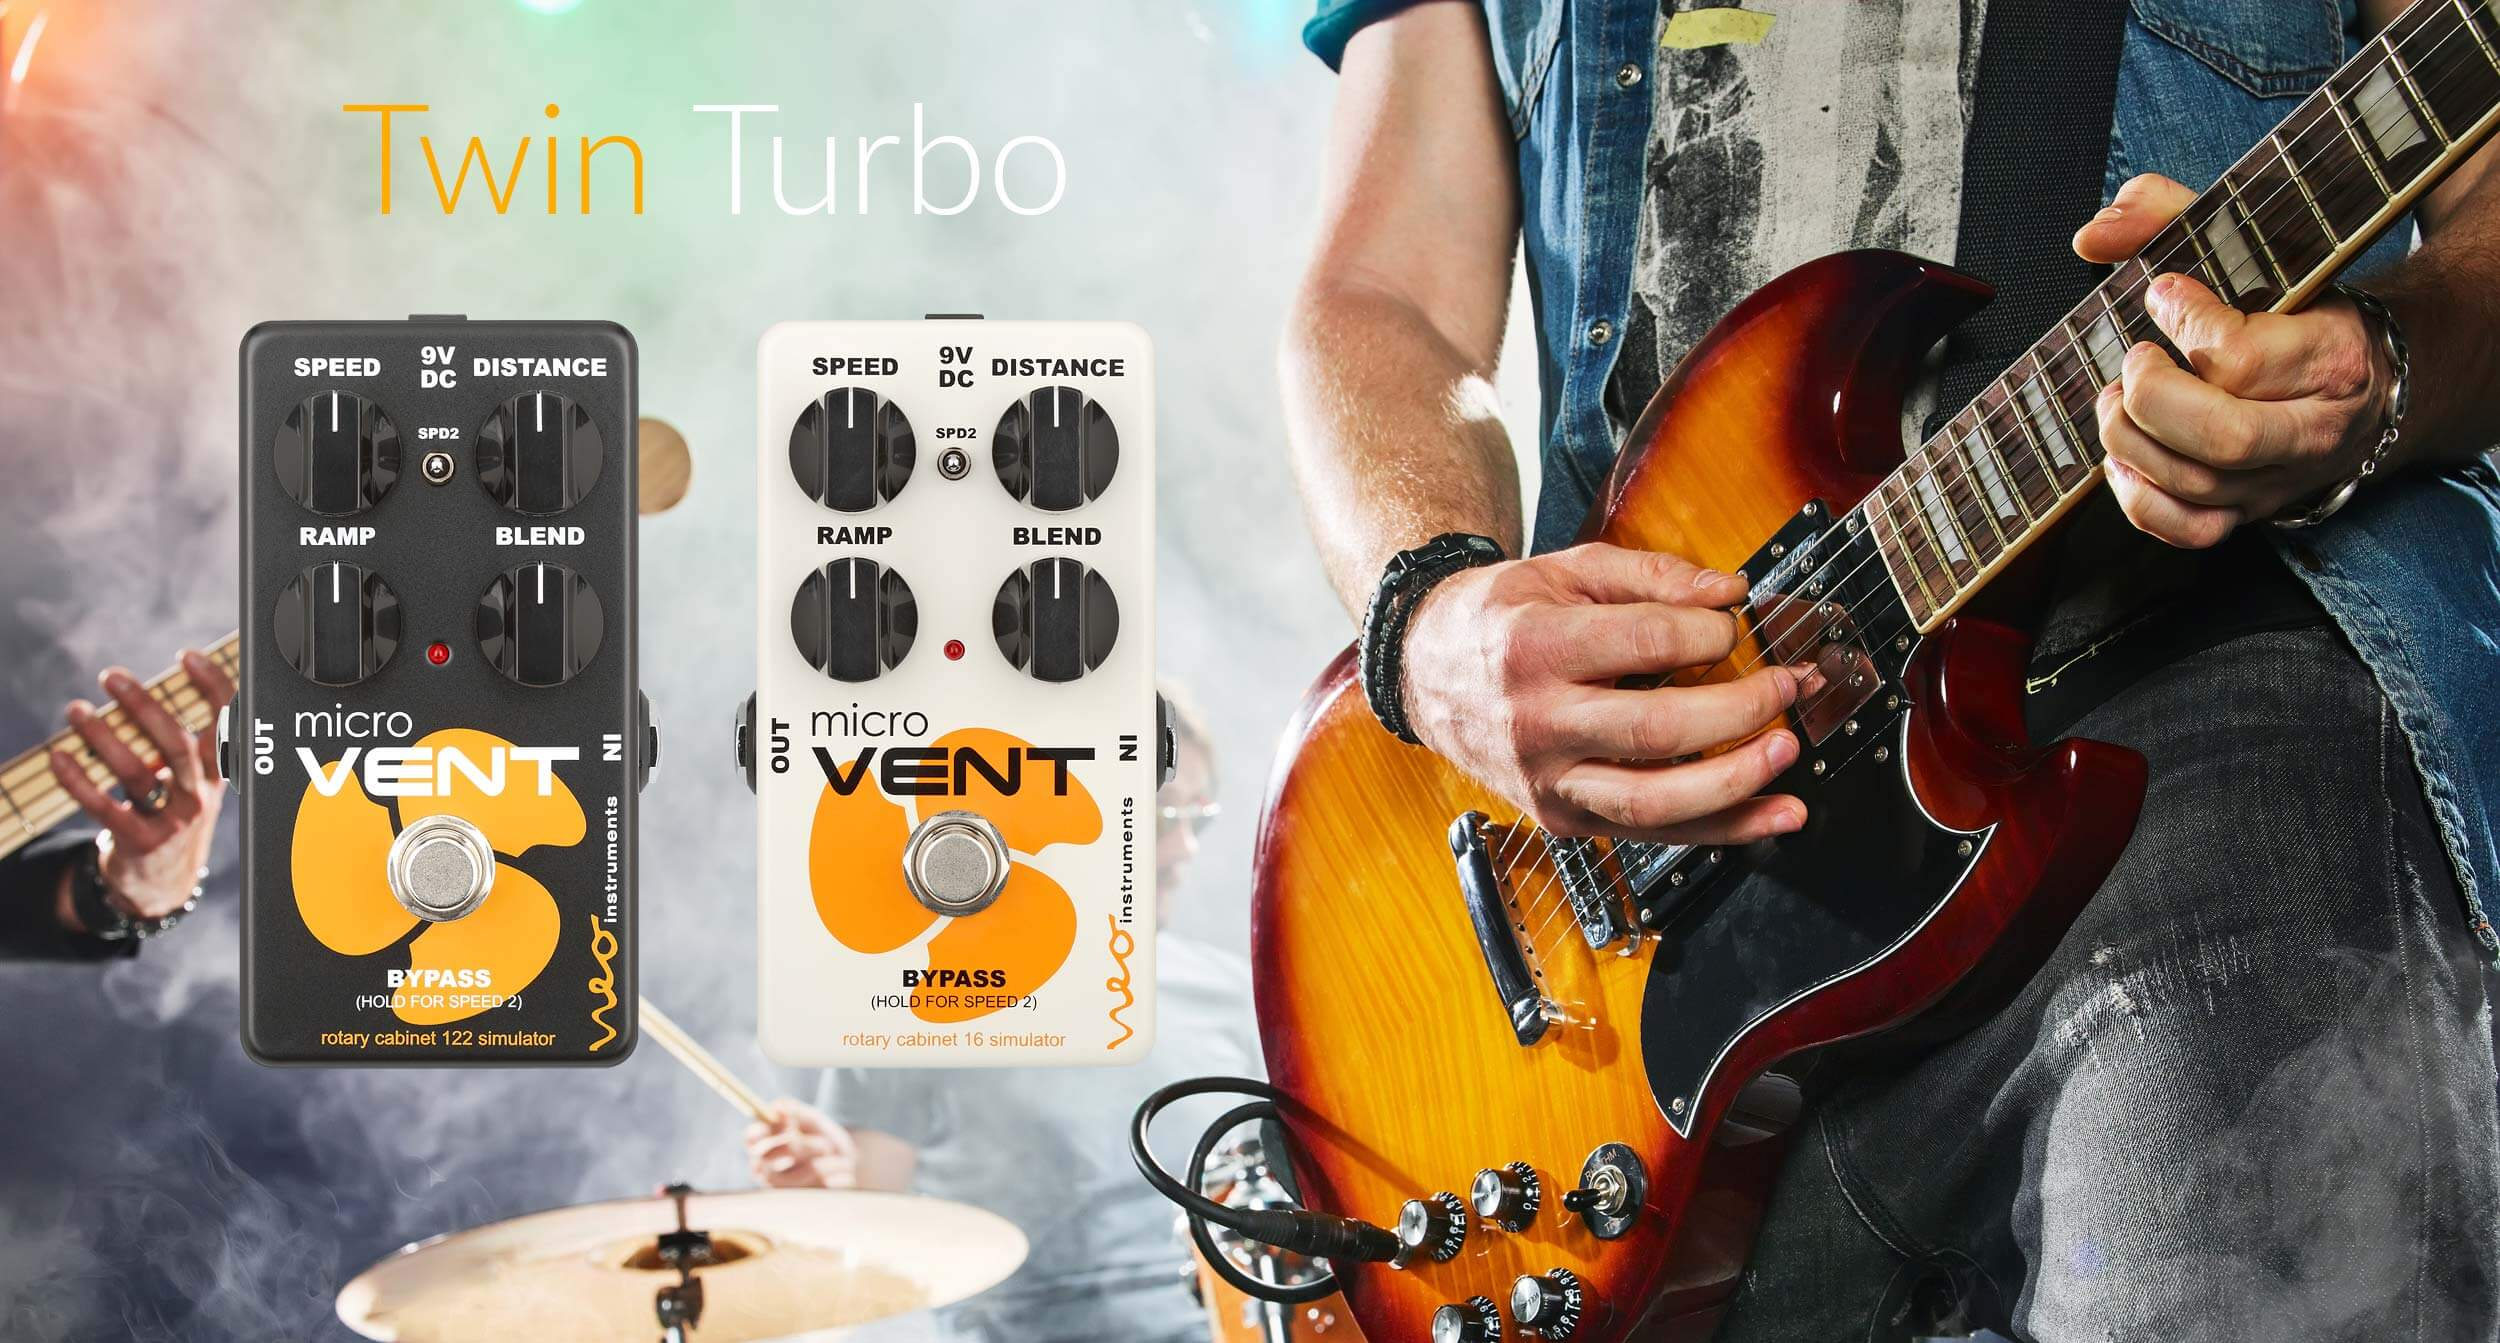 neo instruments - micro vent